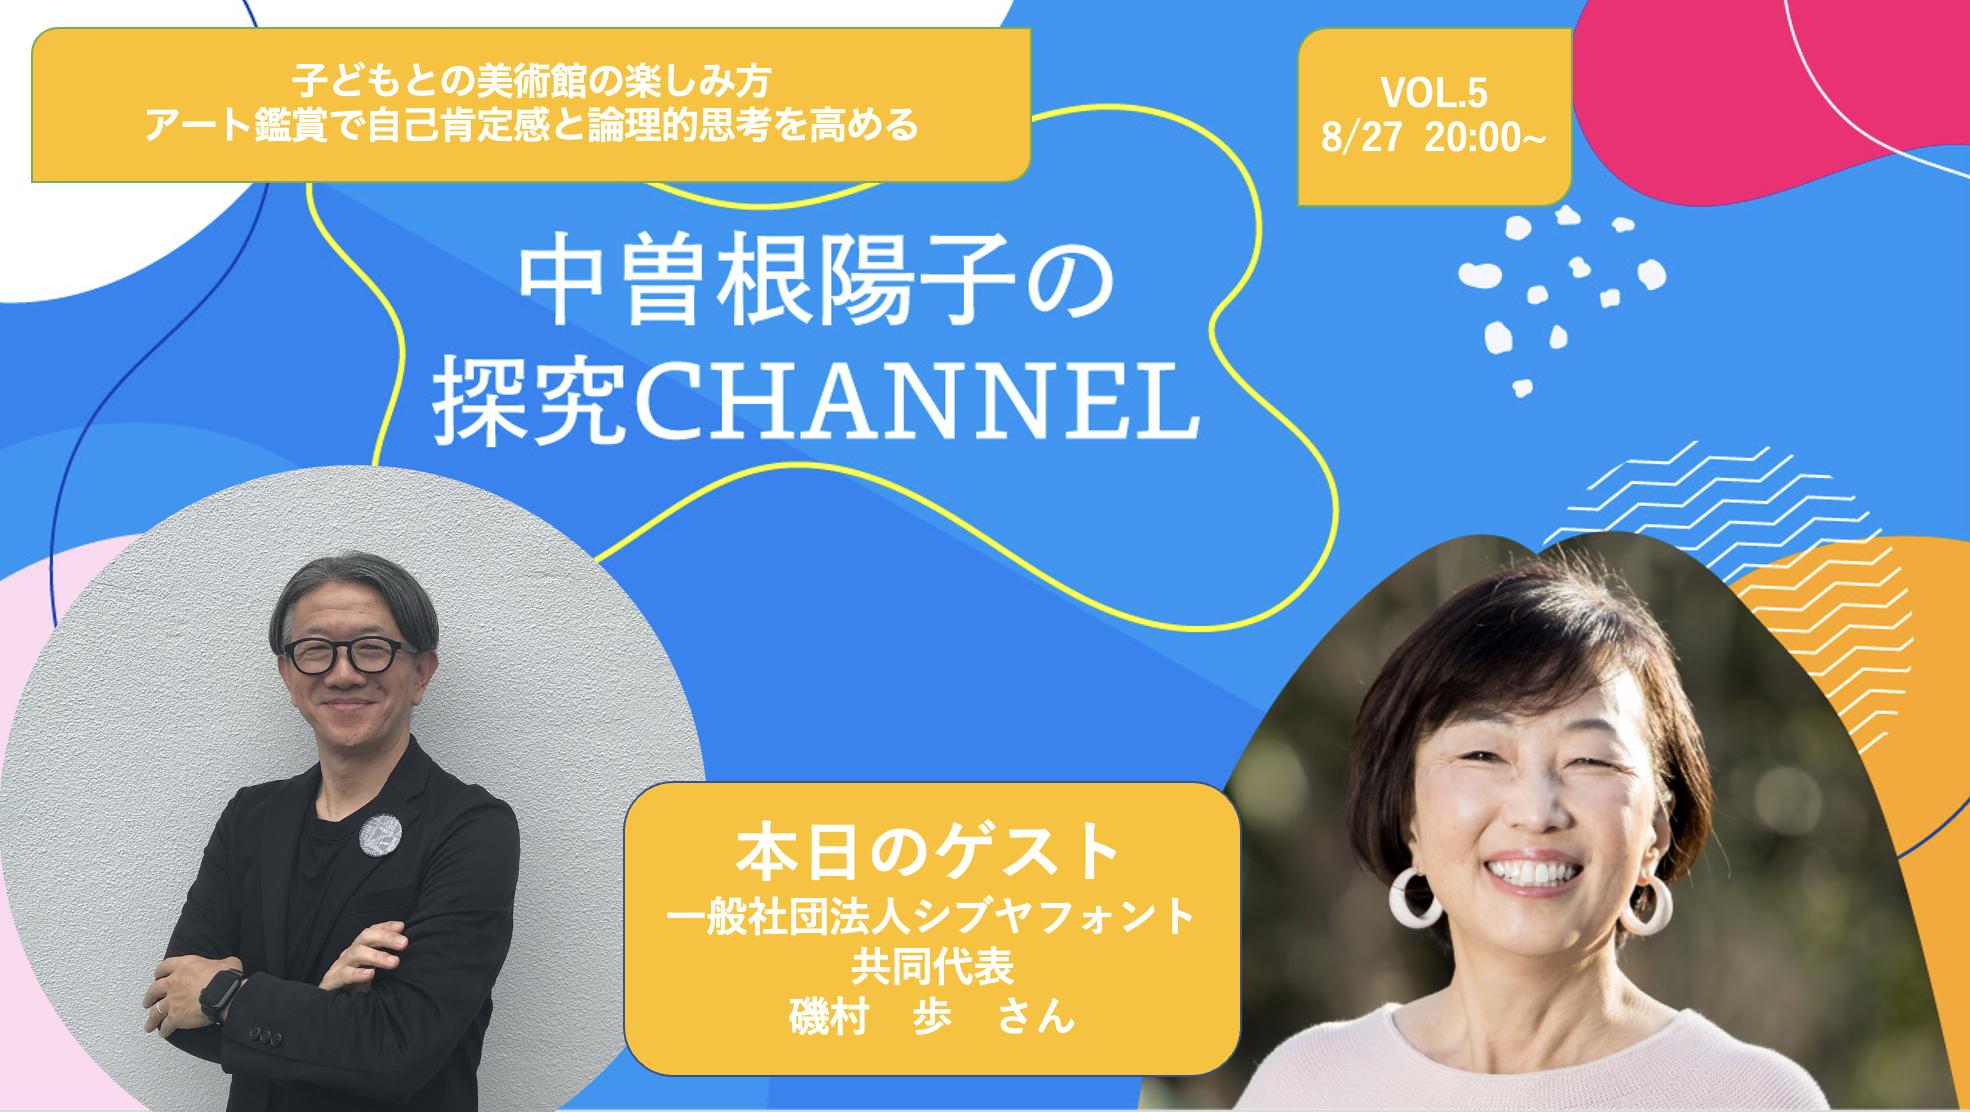 探究チャンネルVOL.5、磯村歩さんにお話を伺いました